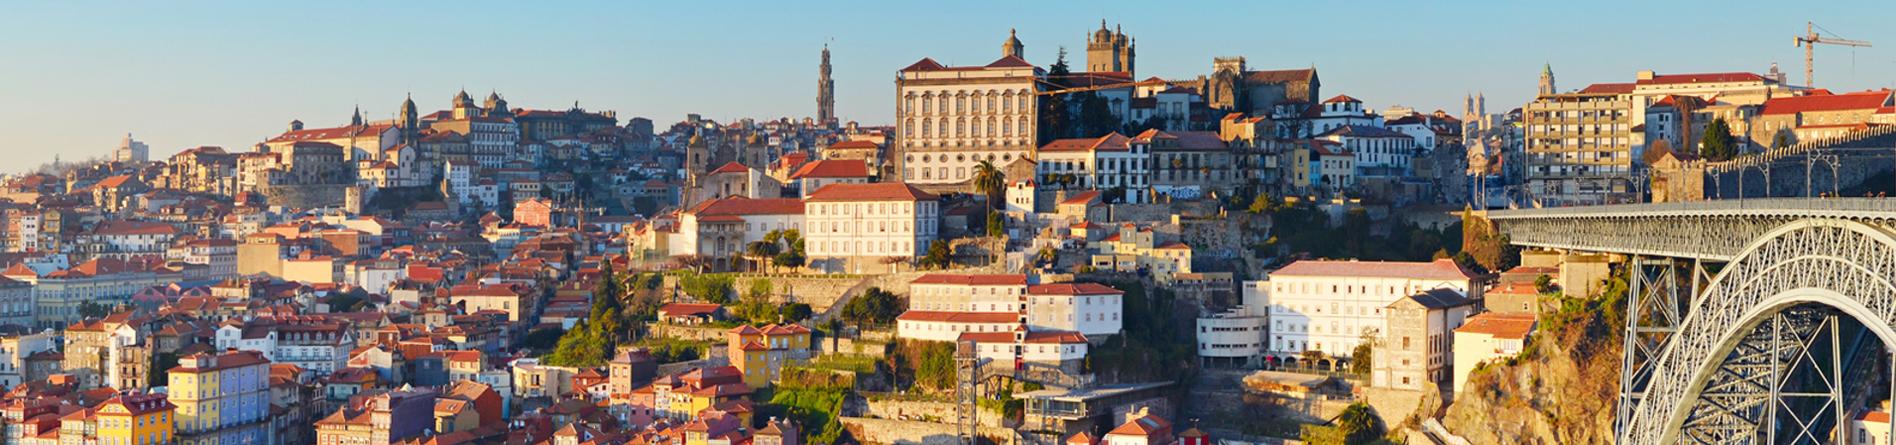 Private Chef services in Oporto, pt.